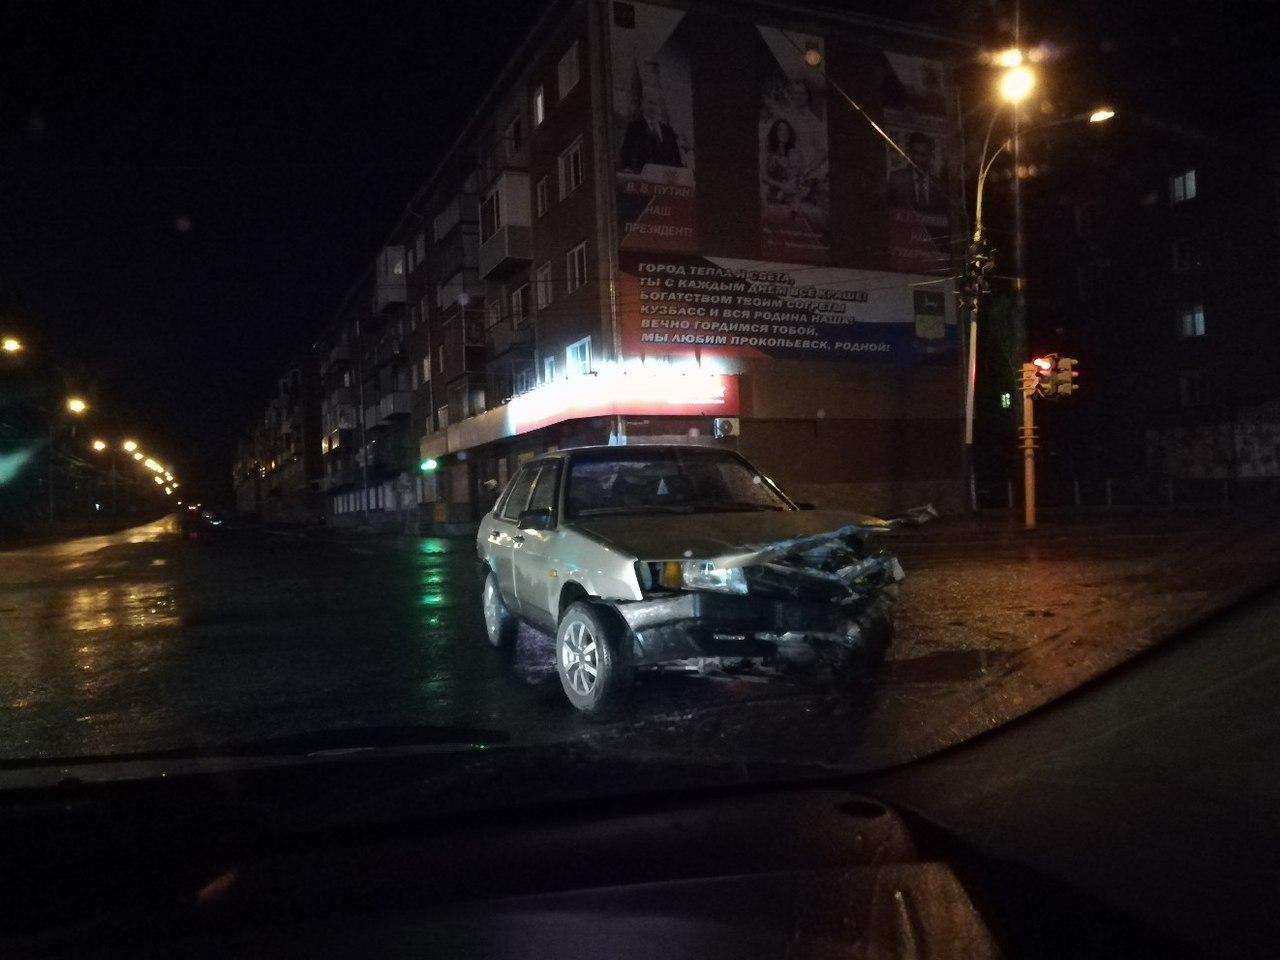 ВКузбассе шофёр «Волги» сбил подростка натротуаре после столкновения сВАЗом